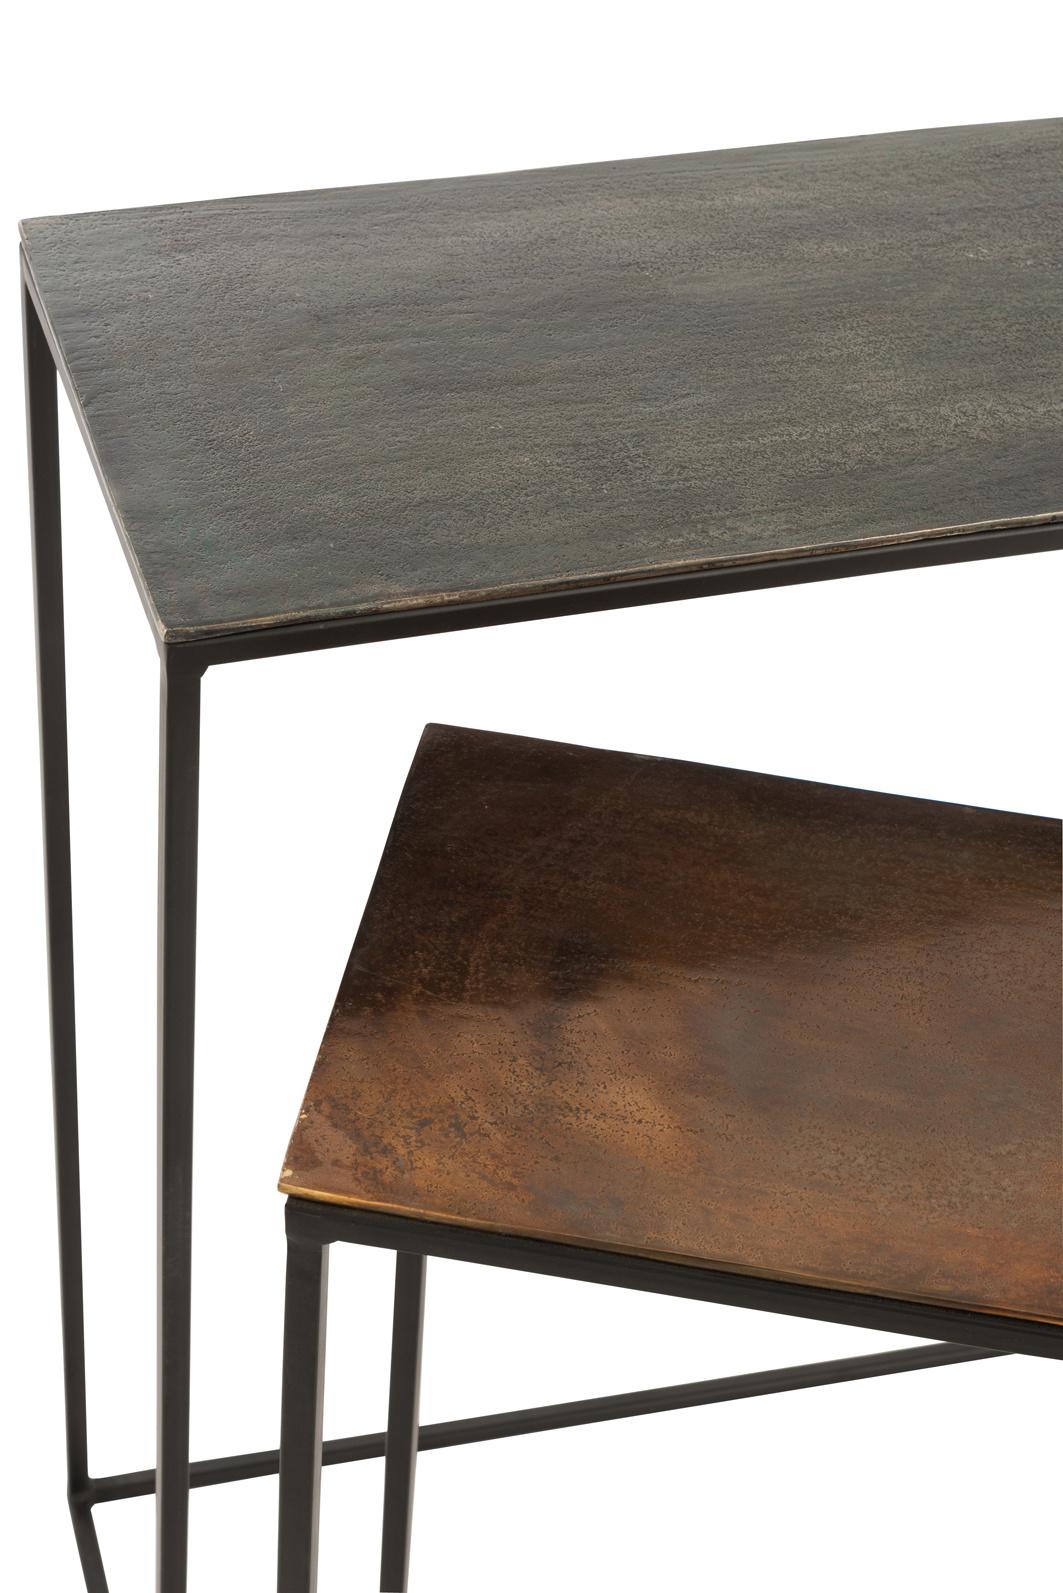 Duverger Industry Alu - Sidetables - set van 2 - rechthoekig - kleur mix - inschuifbaar